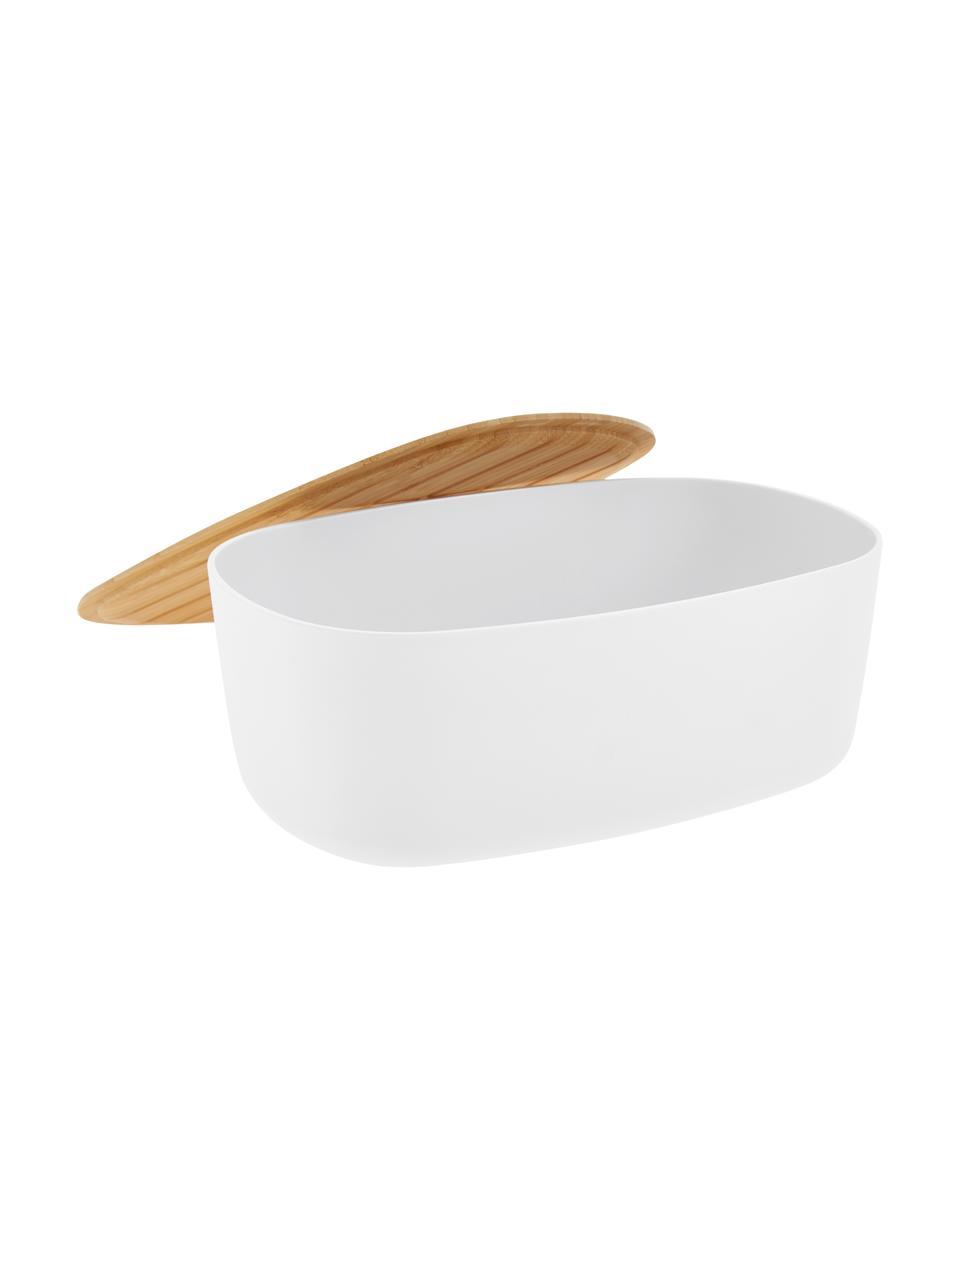 Designer Brotkasten Box-It in Weiß mit Schneidebrett als Deckel, Deckel: Bambus, Dose: Weiß Deckel: Braun, 35 x 12 cm